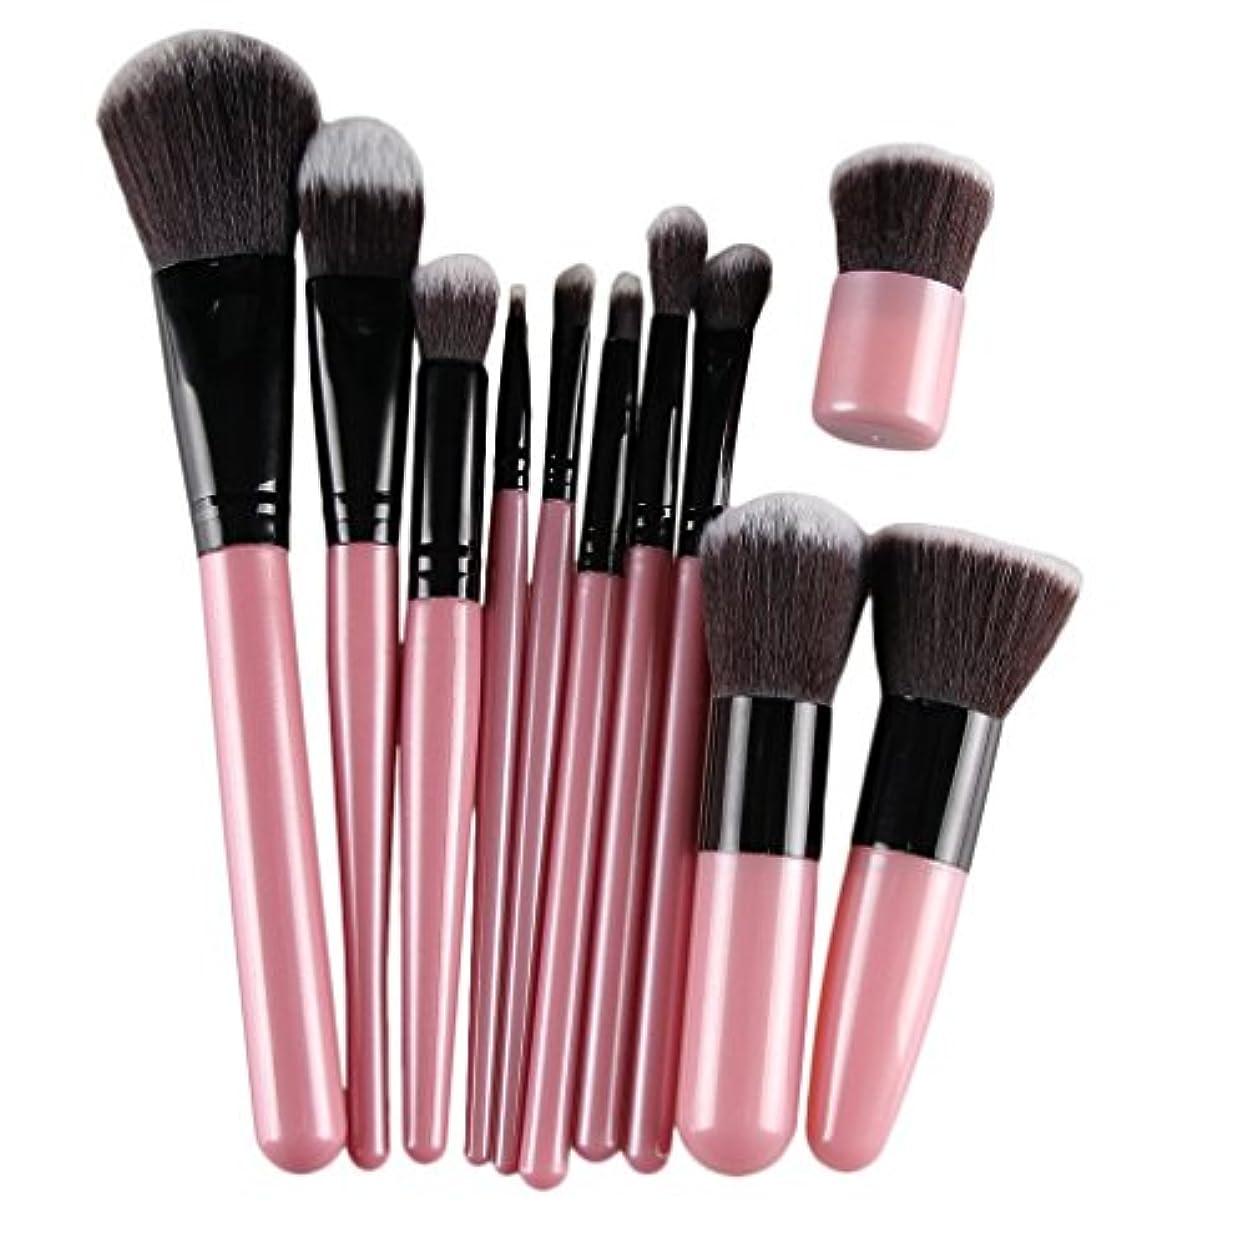 永遠にシチリアわがまま11Pcsプロフェッショナルメイクアップ化粧品のソフトアイシャドウ財団コンシーラーブラシセットウッドは、ブラシ美容ツールのハンドル